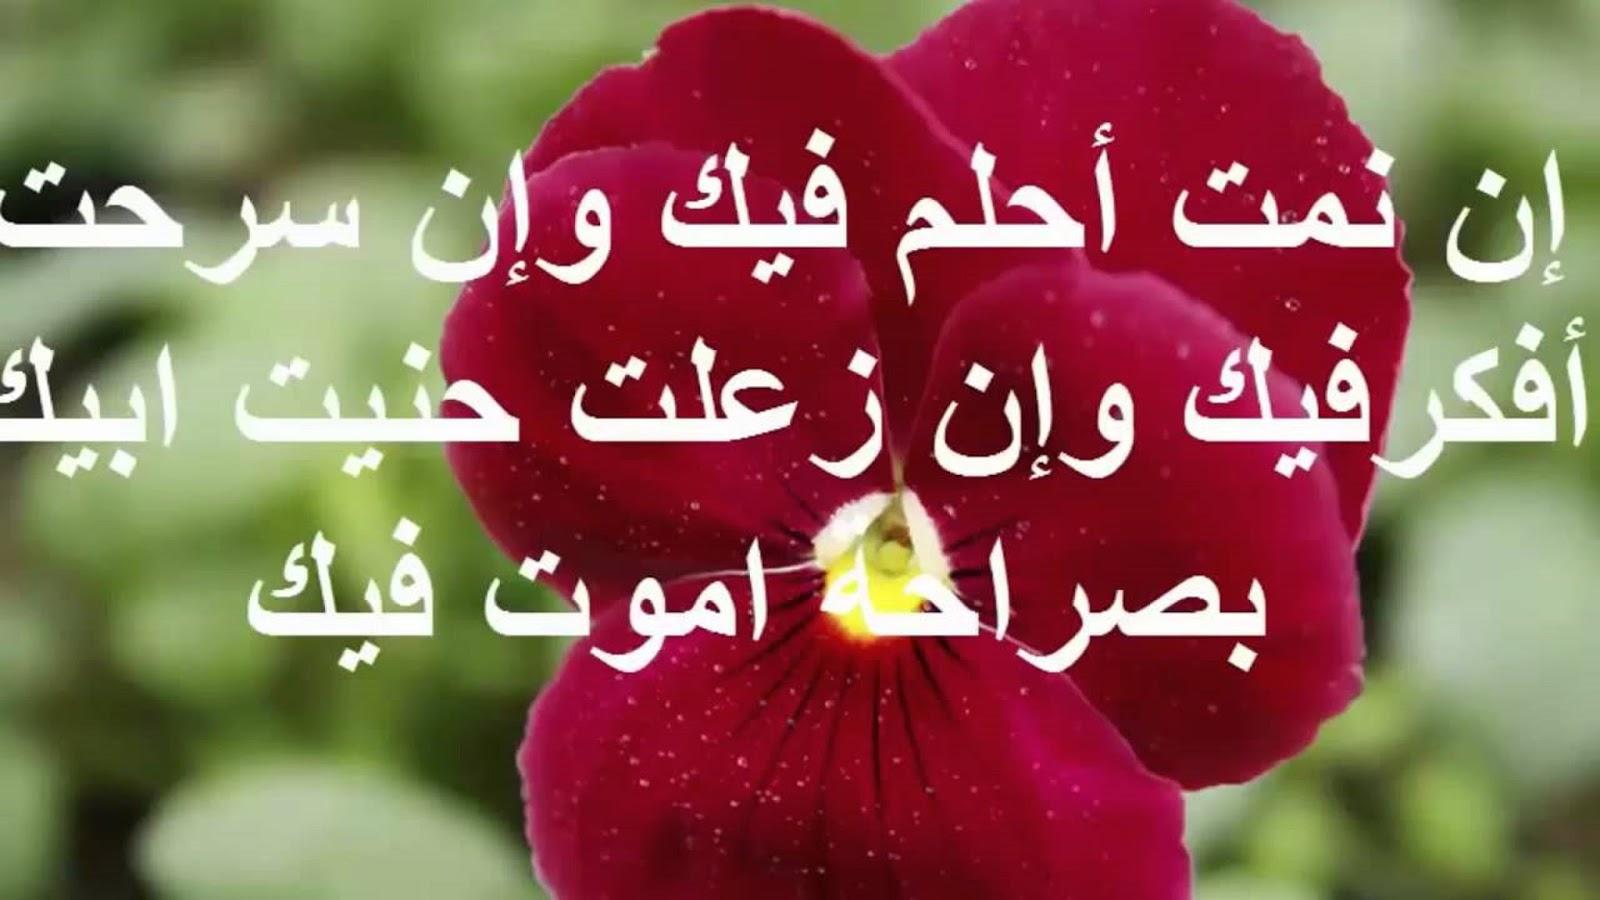 بالصور حب وغرام , كلمه عن حبى وغرامى 4687 3